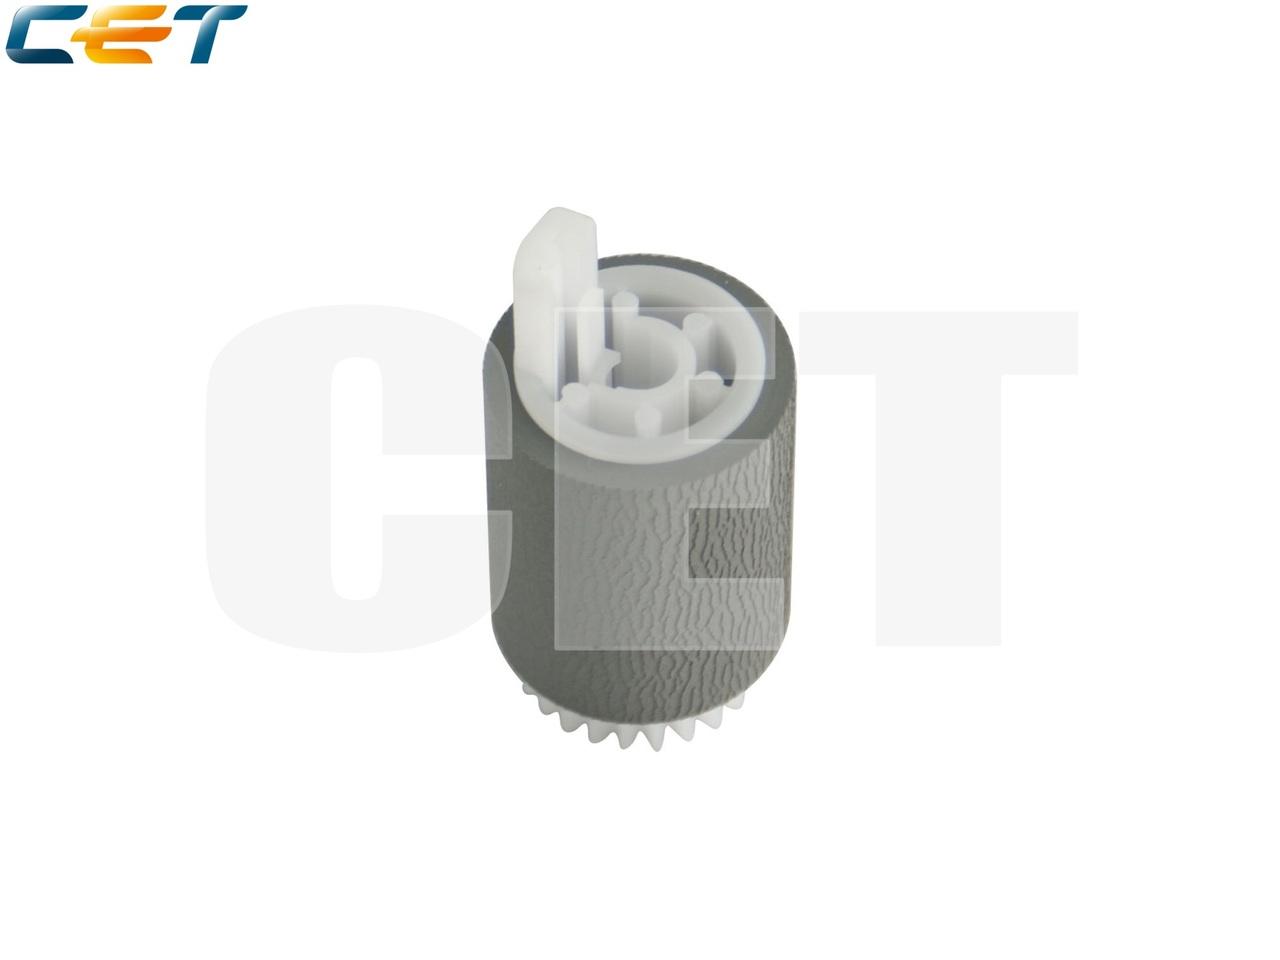 Ролик отделения FF5-4634-020 для CANONiR2200/2800/3300/3320 (CET), CET5153